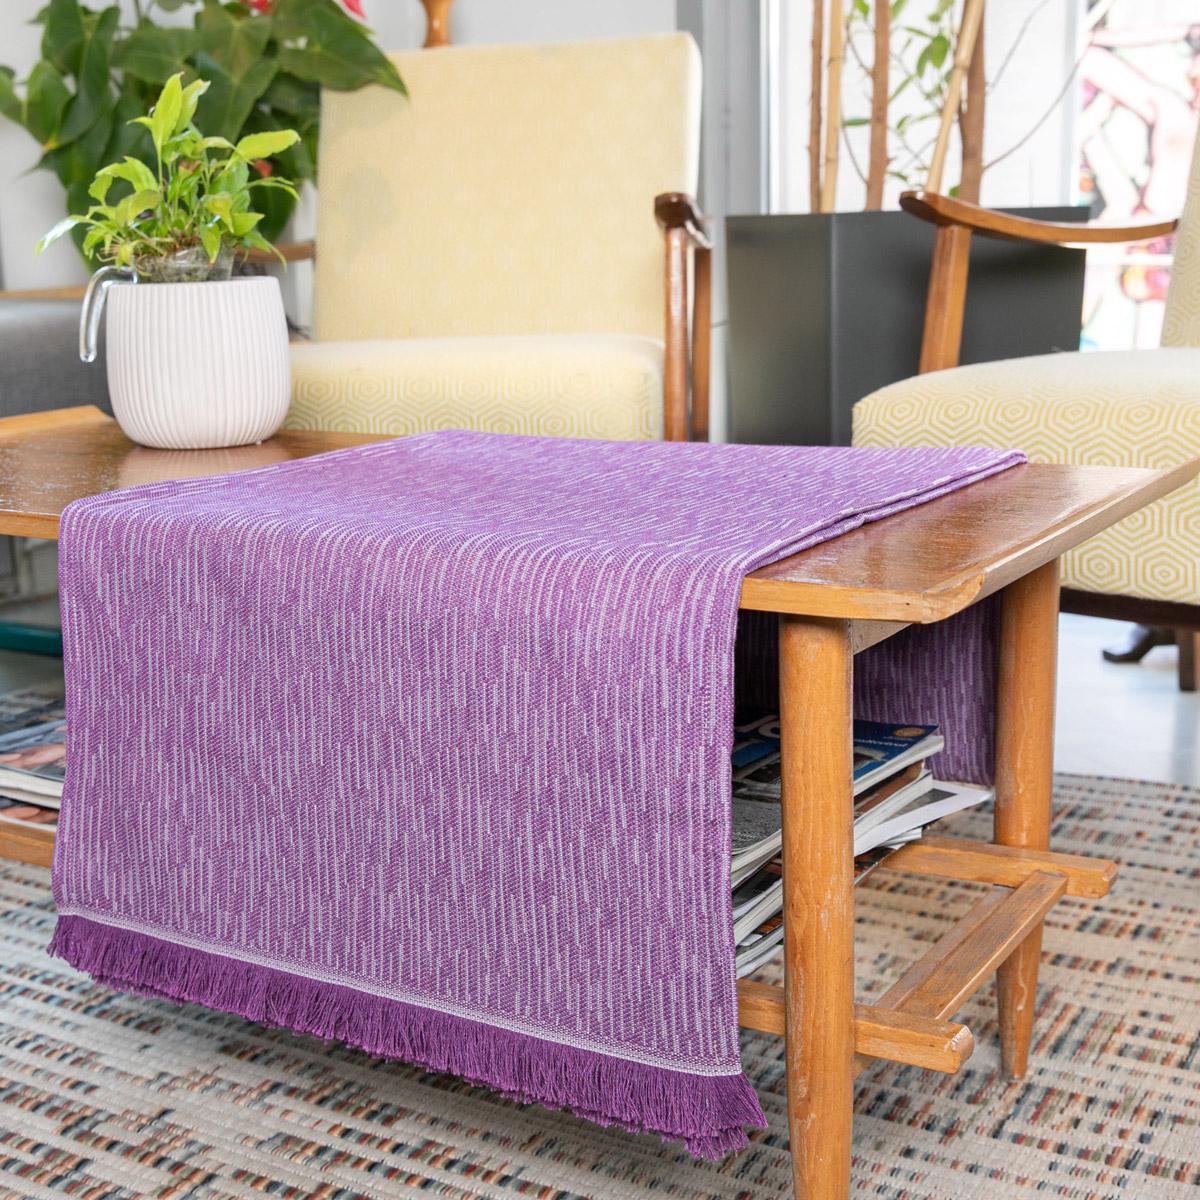 Τραβέρσα Loom To Room Calisto Purple